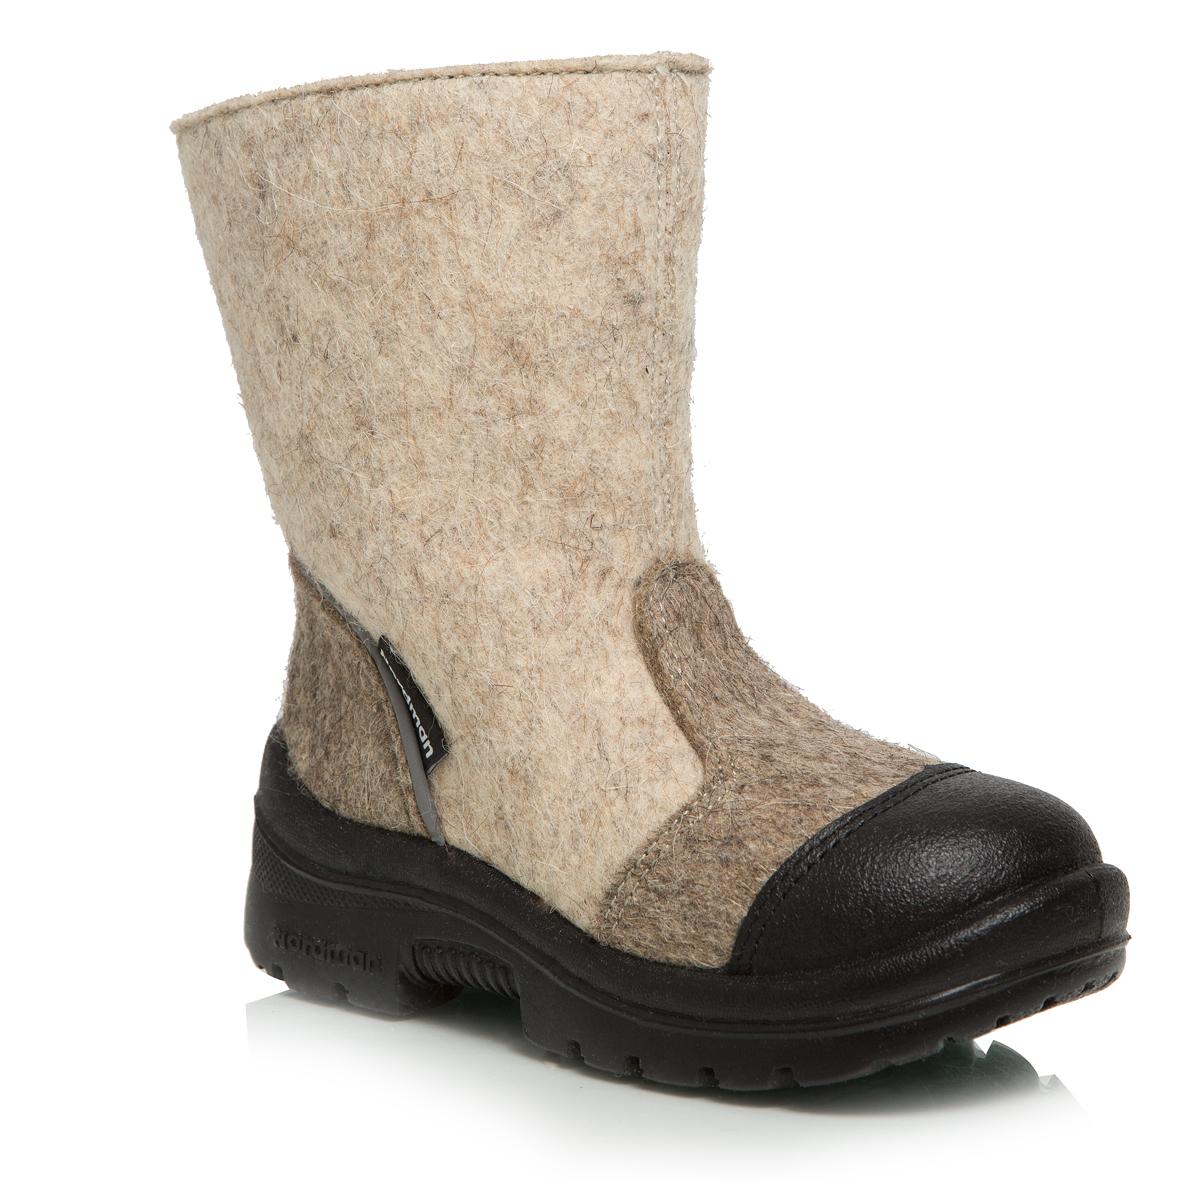 214002-03Валенки Nordman выполнены из качественного войлока. Модель дополнена светоотражающим элементом. Носок дополнительно усилен вставкой из натуральной кожи. На ноге модель фиксируется с помощью удобной застежки-молнии. Внутренняя поверхность выполнена из натуральной шерсти, которая обеспечит тепло и комфорт. Съемная стелька также выполнена из натуральной шерсти. Подошва изготовлена из полиуретана и дополнена протектором, который обеспечит отличное сцепление с любой поверхностью.